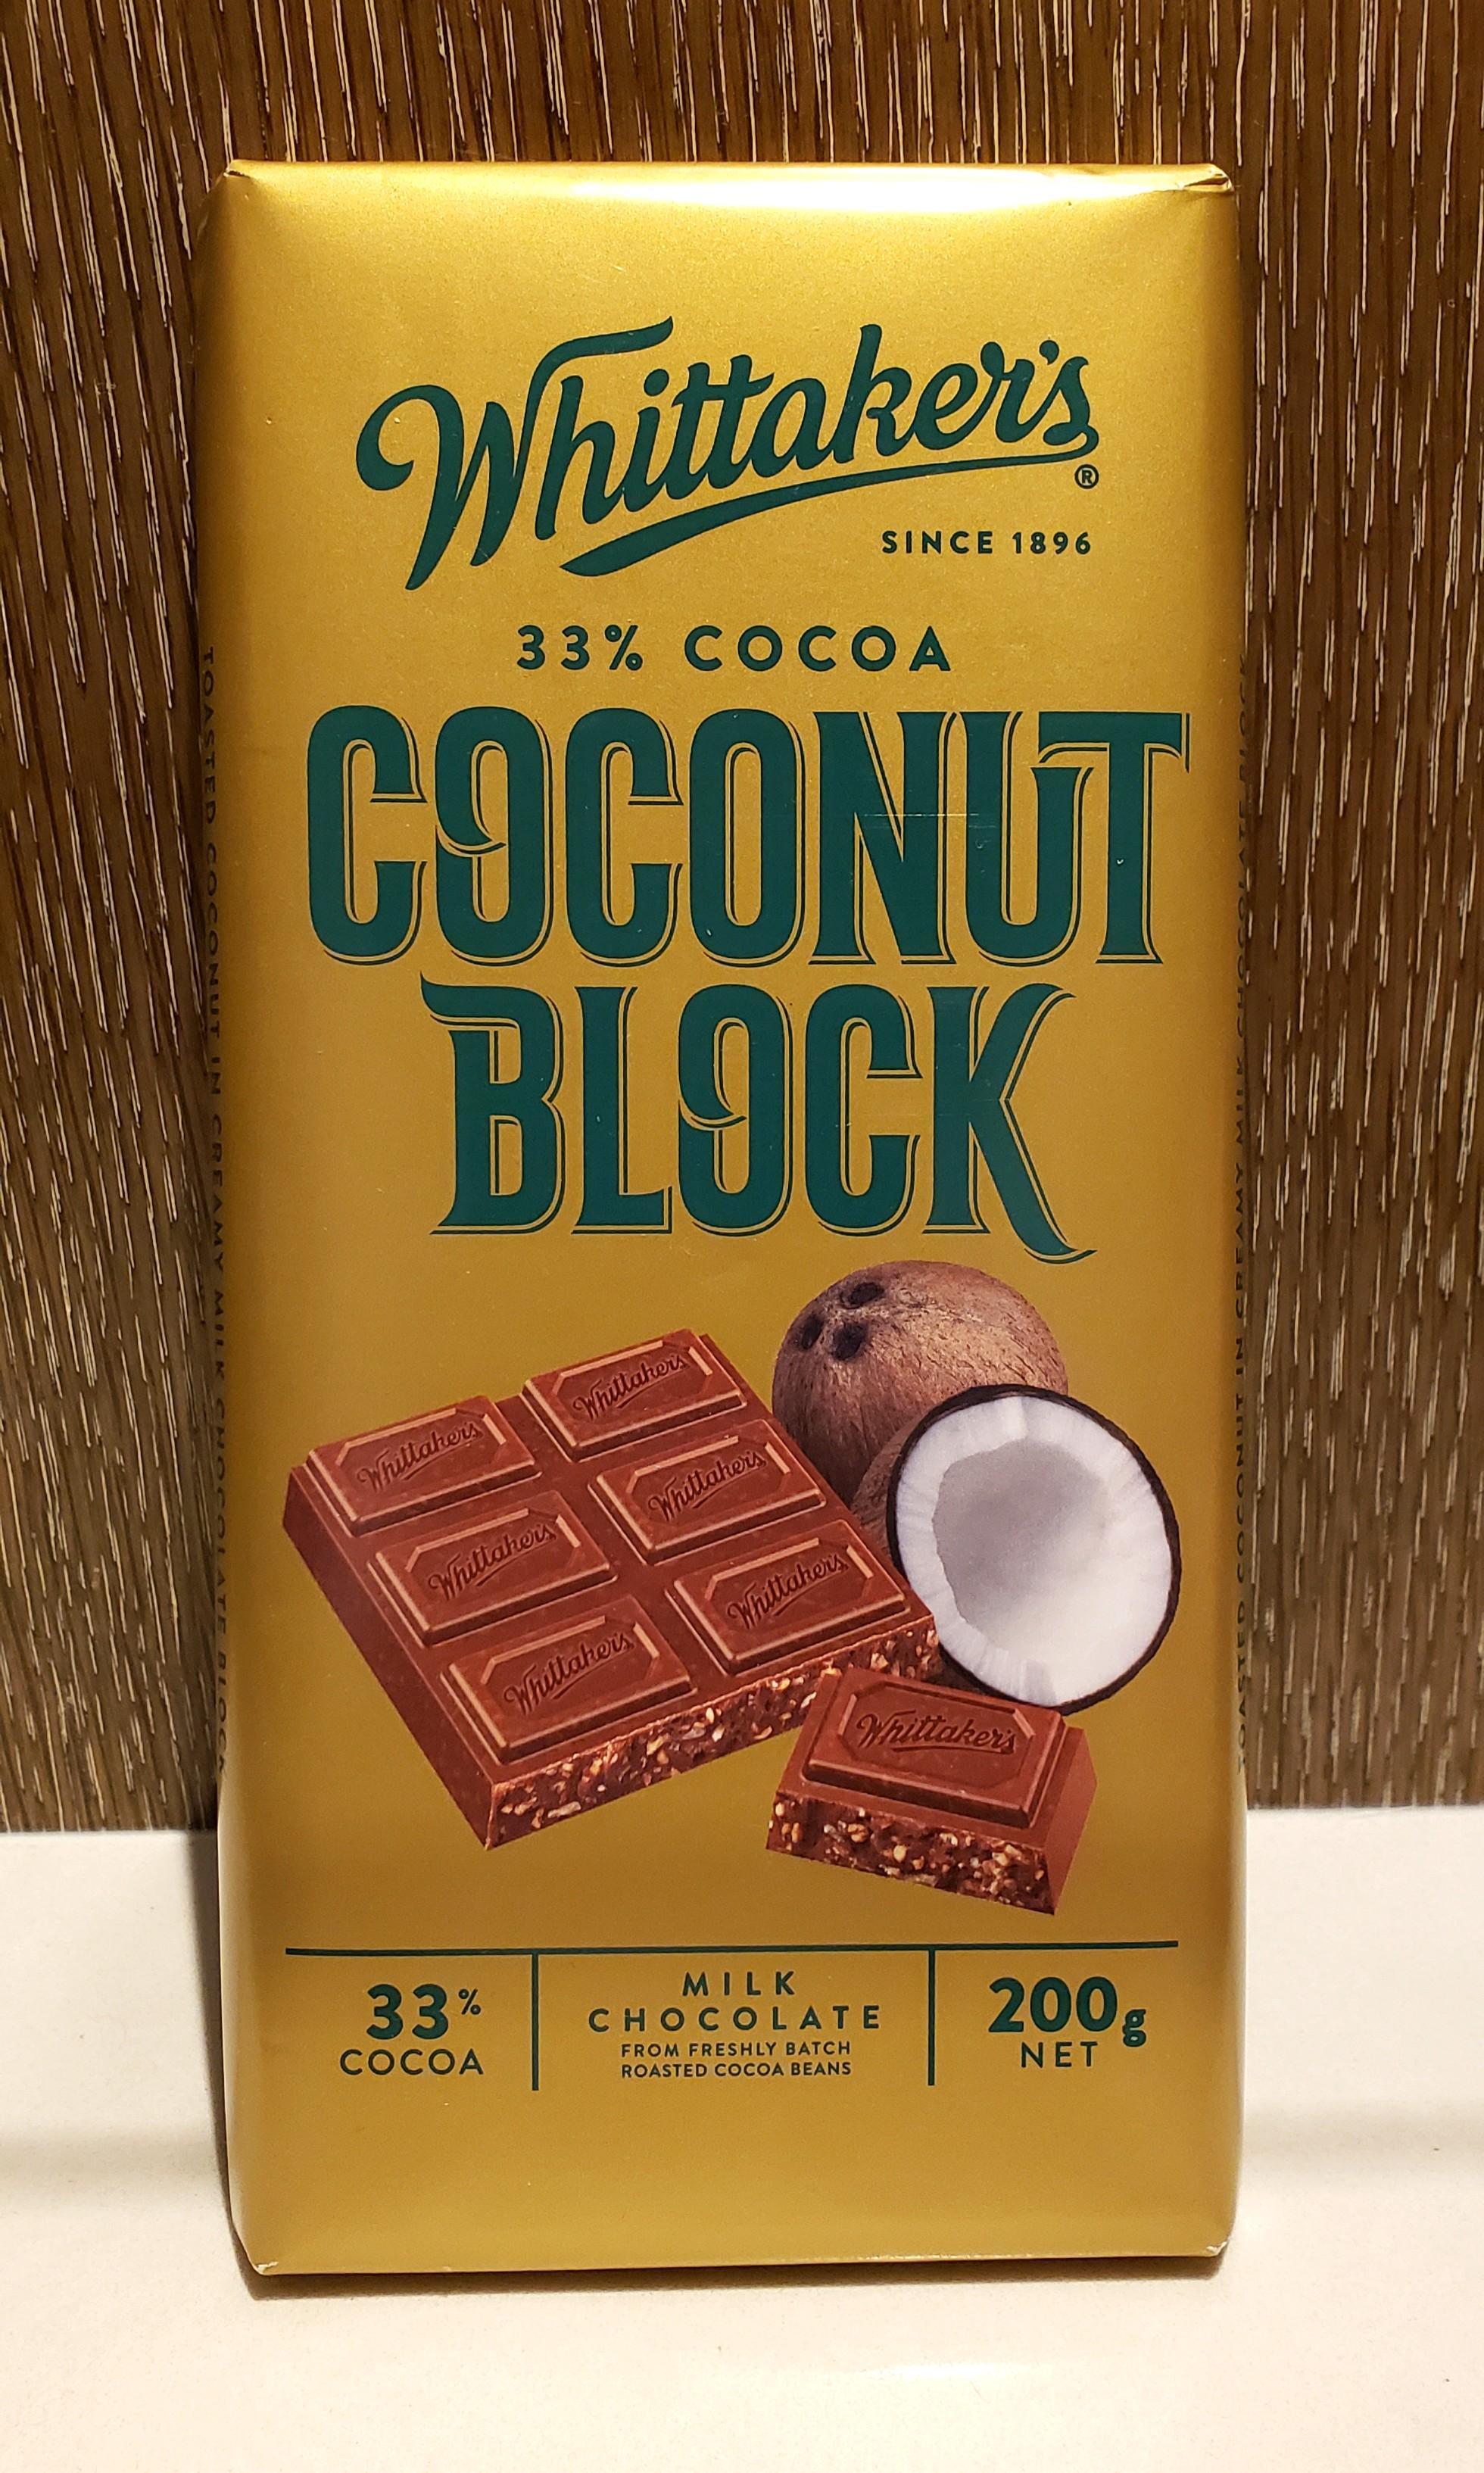 來自新西蘭Whittaker's coconut chocolate #MTRcwb #MTRkt #MTRcentral